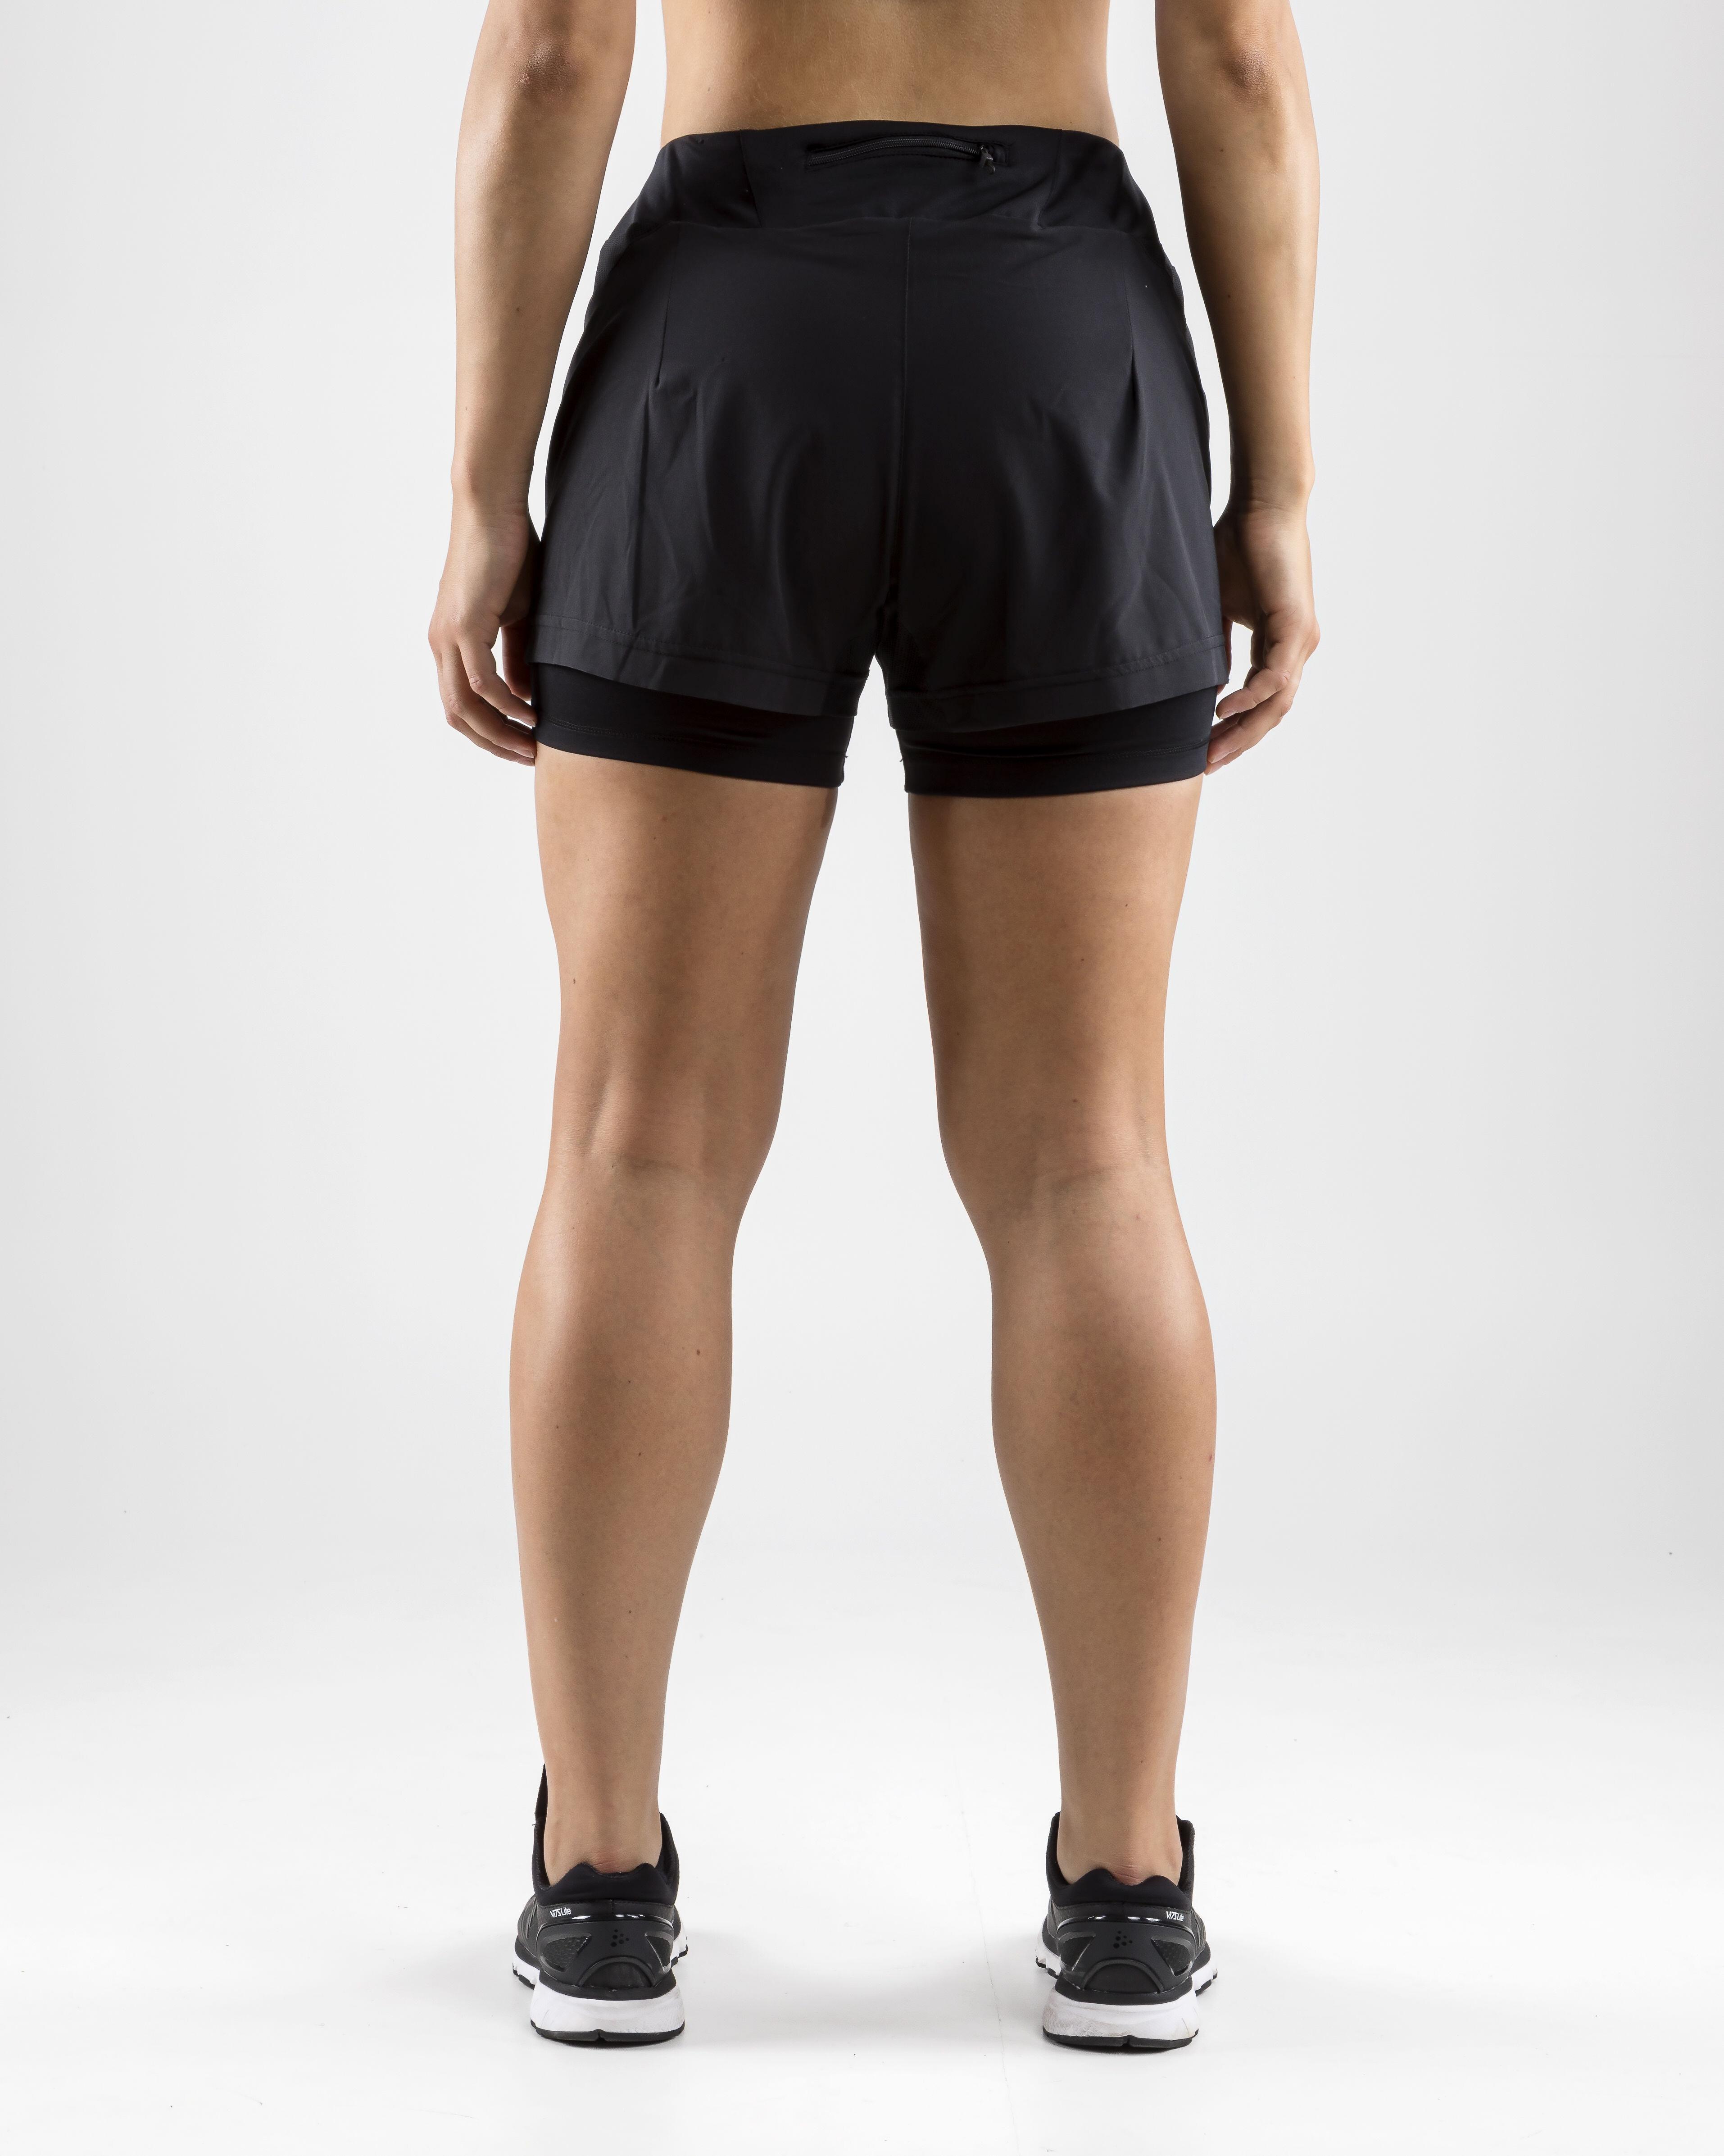 Craft Essential - Short running Femme - noir - Boutique de vélos en ... 3704a6a7f6a